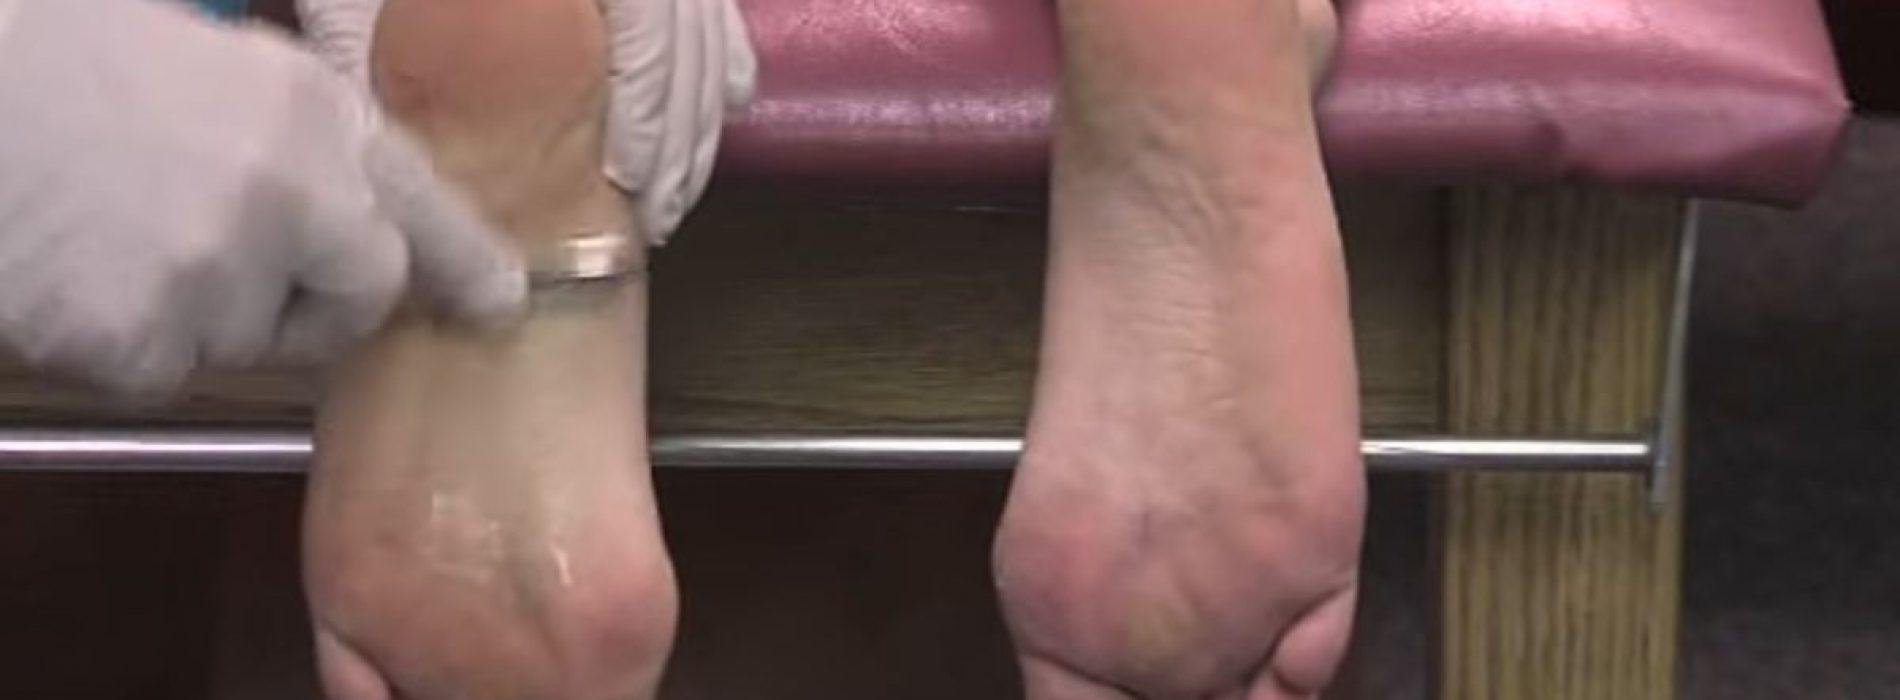 Krijg hulp voor voet- en hielpijn met de behulpzame techniek van deze arts